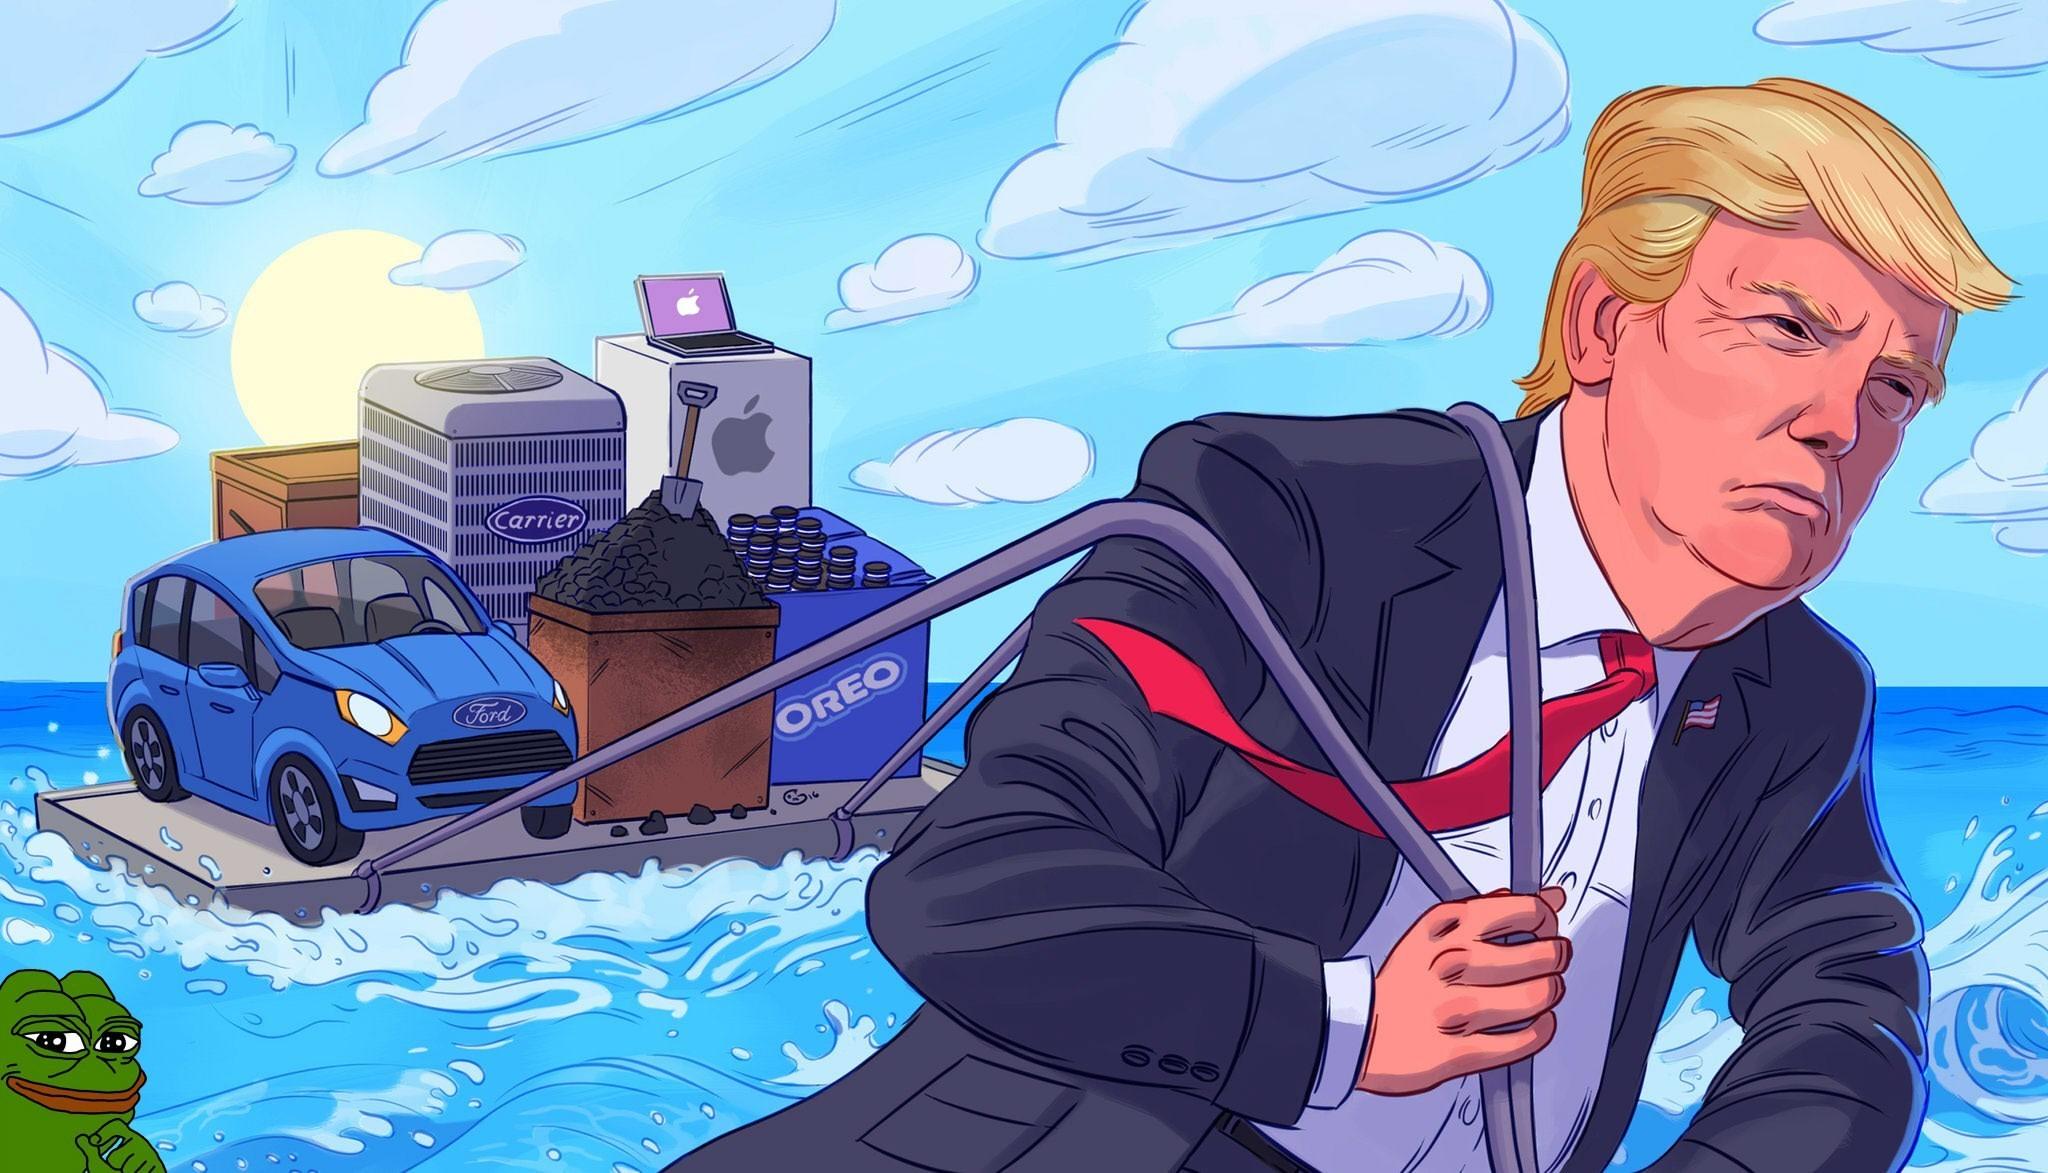 Donald Trump Wallpaper Art.